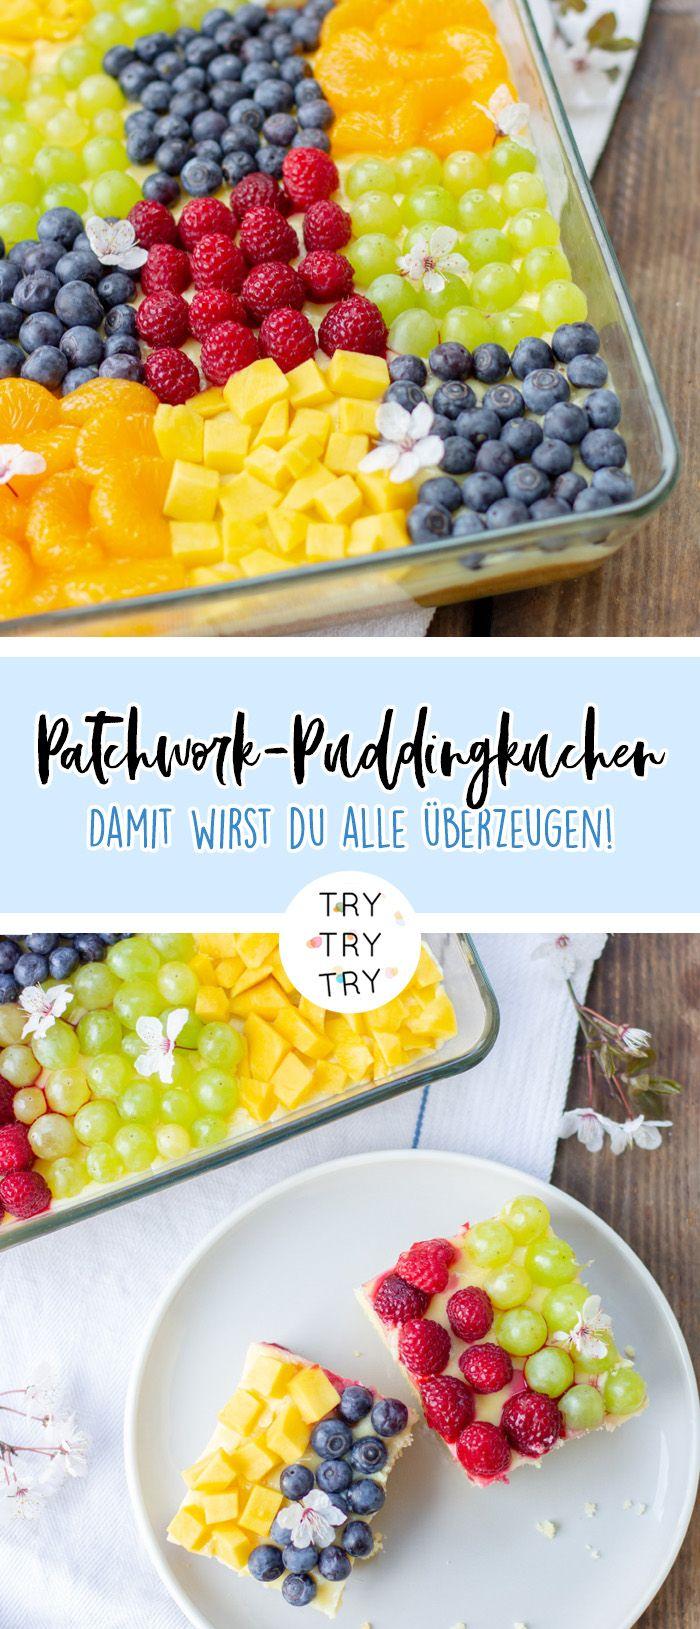 Patchwork-Puddingkuchen mit Früchten #tortegeburtstag